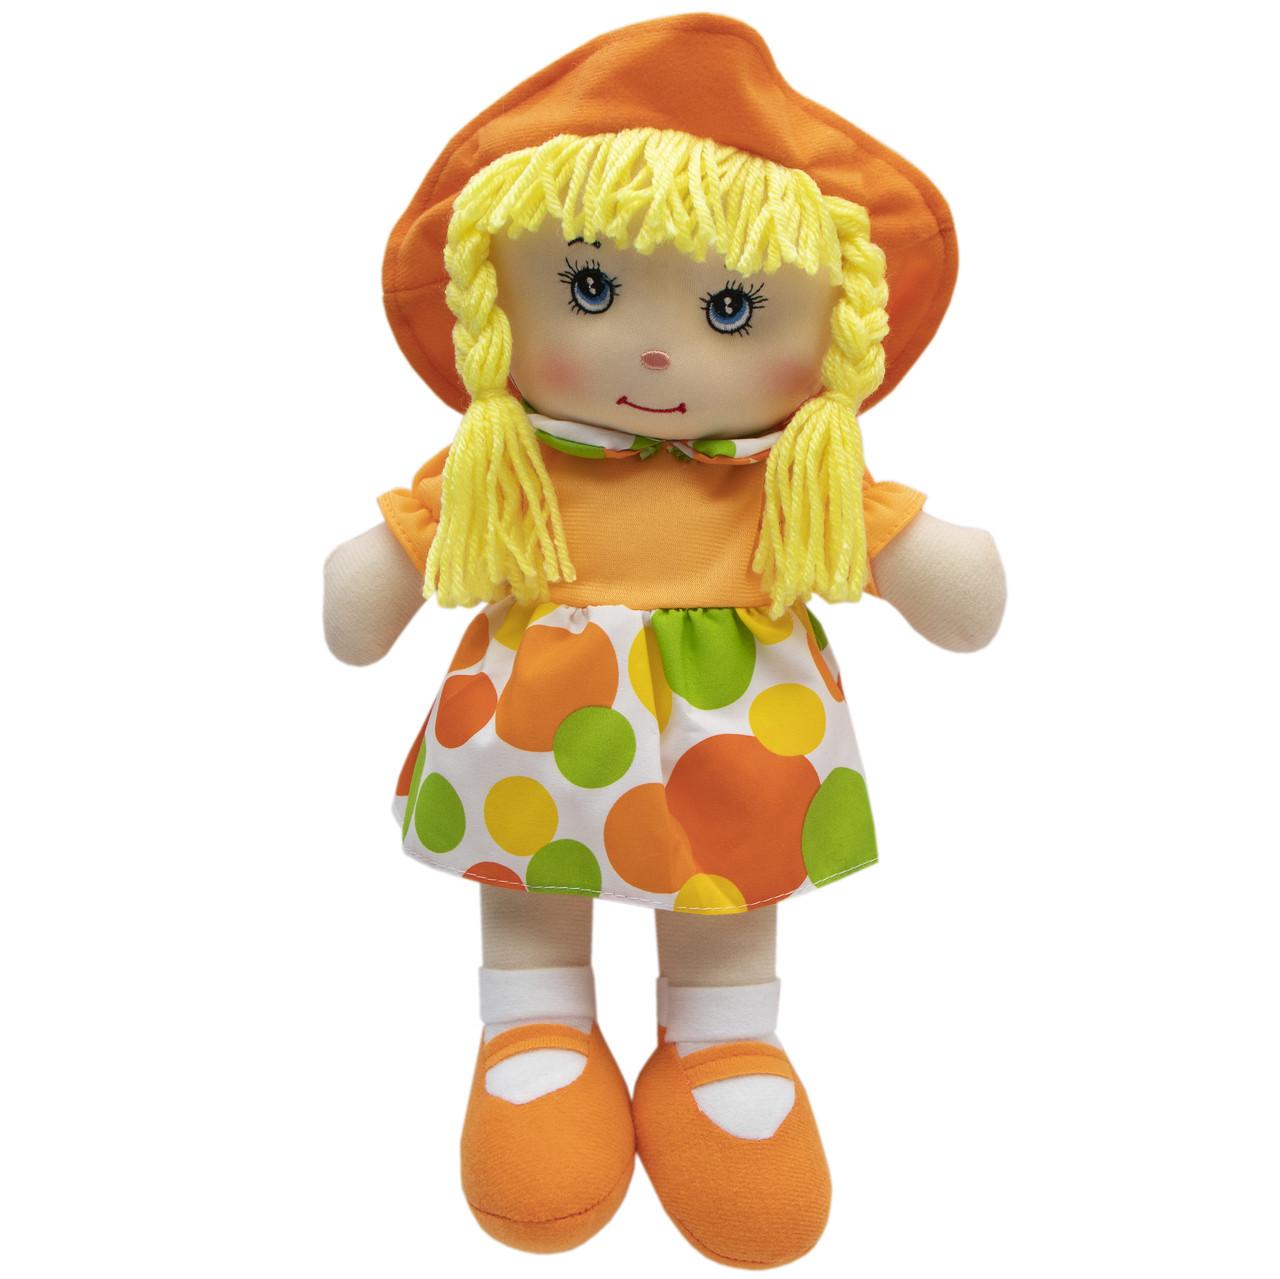 Мягкая игрушка кукла с вышитым лицом, 36 см, оранжевое платье (860906)